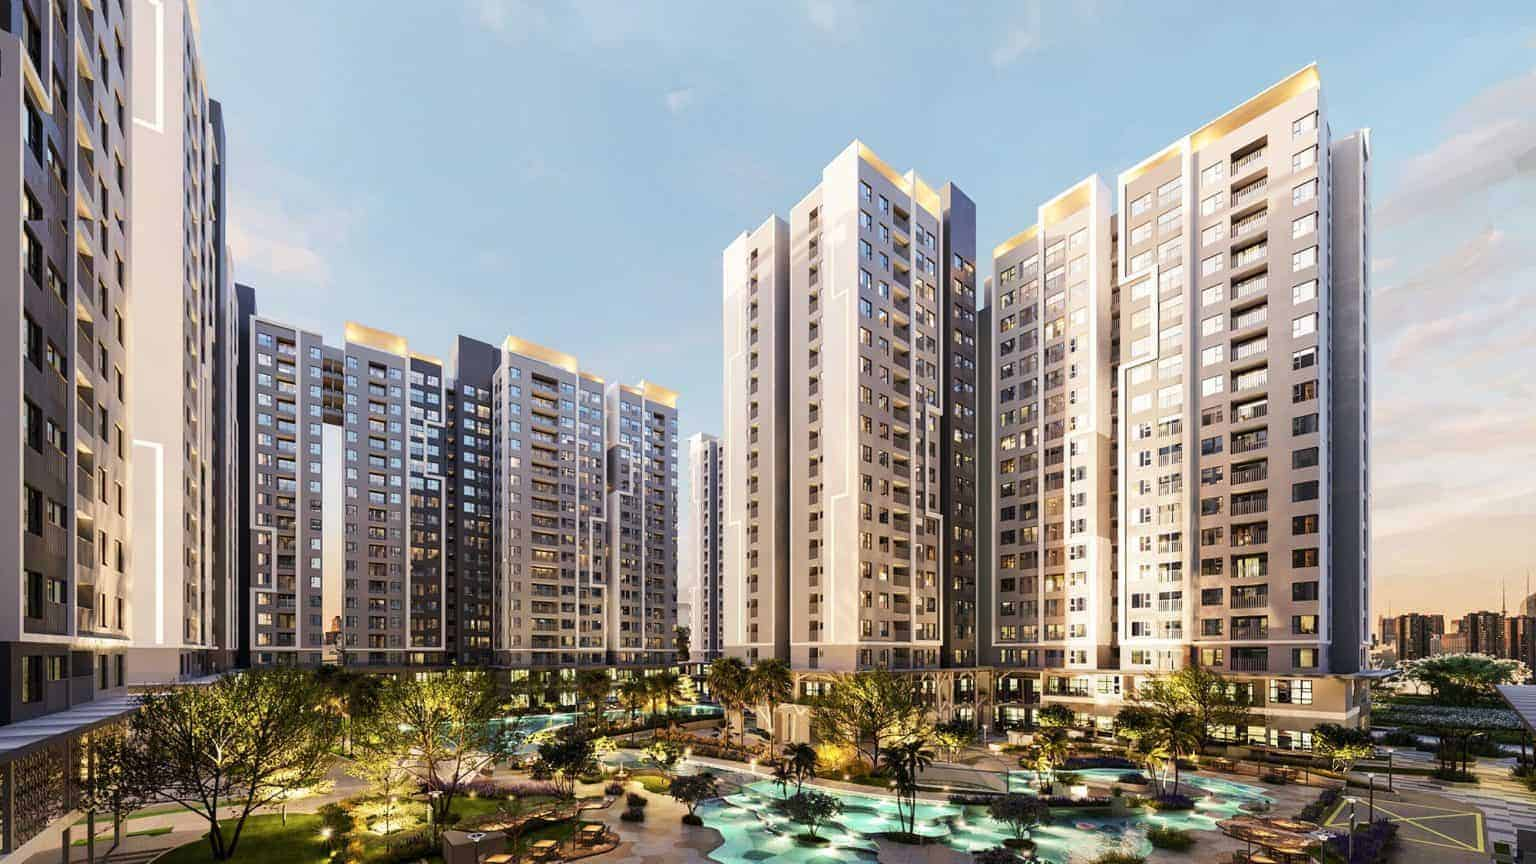 """Giá cho thuê căn hộ Thuận An Bình Dương """"được giá"""" nhờ đơn vị vận hành quốc tế"""